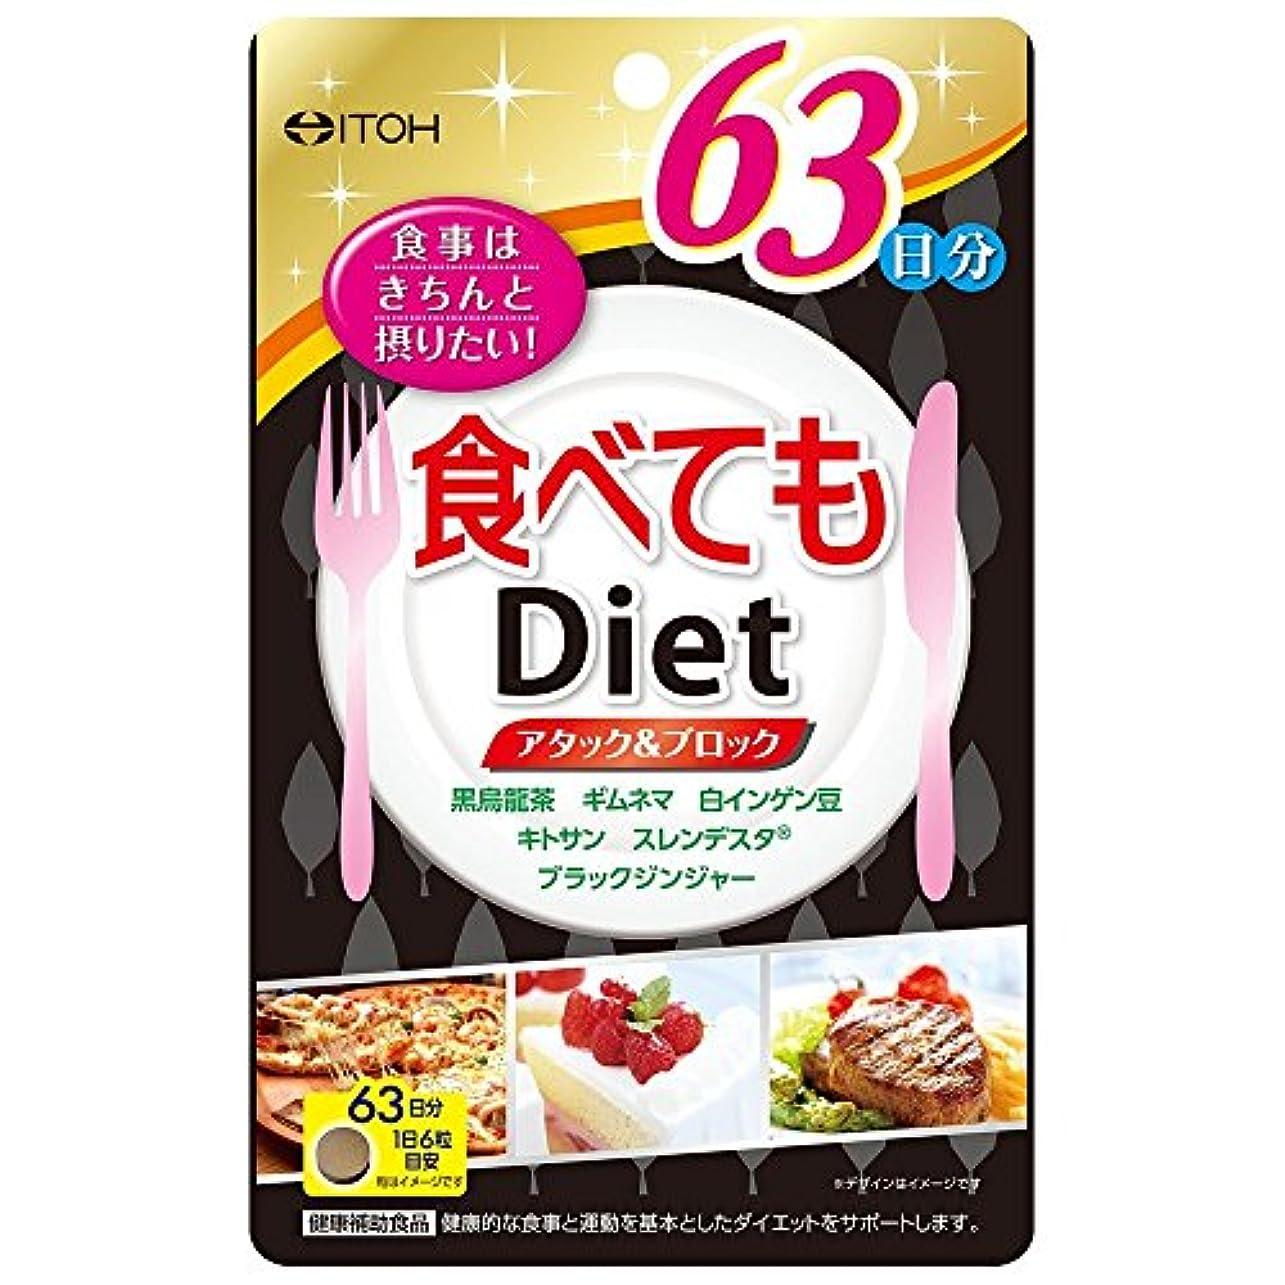 数喜び満足できる井藤漢方製薬 食べてもDiet 378粒 約63日分